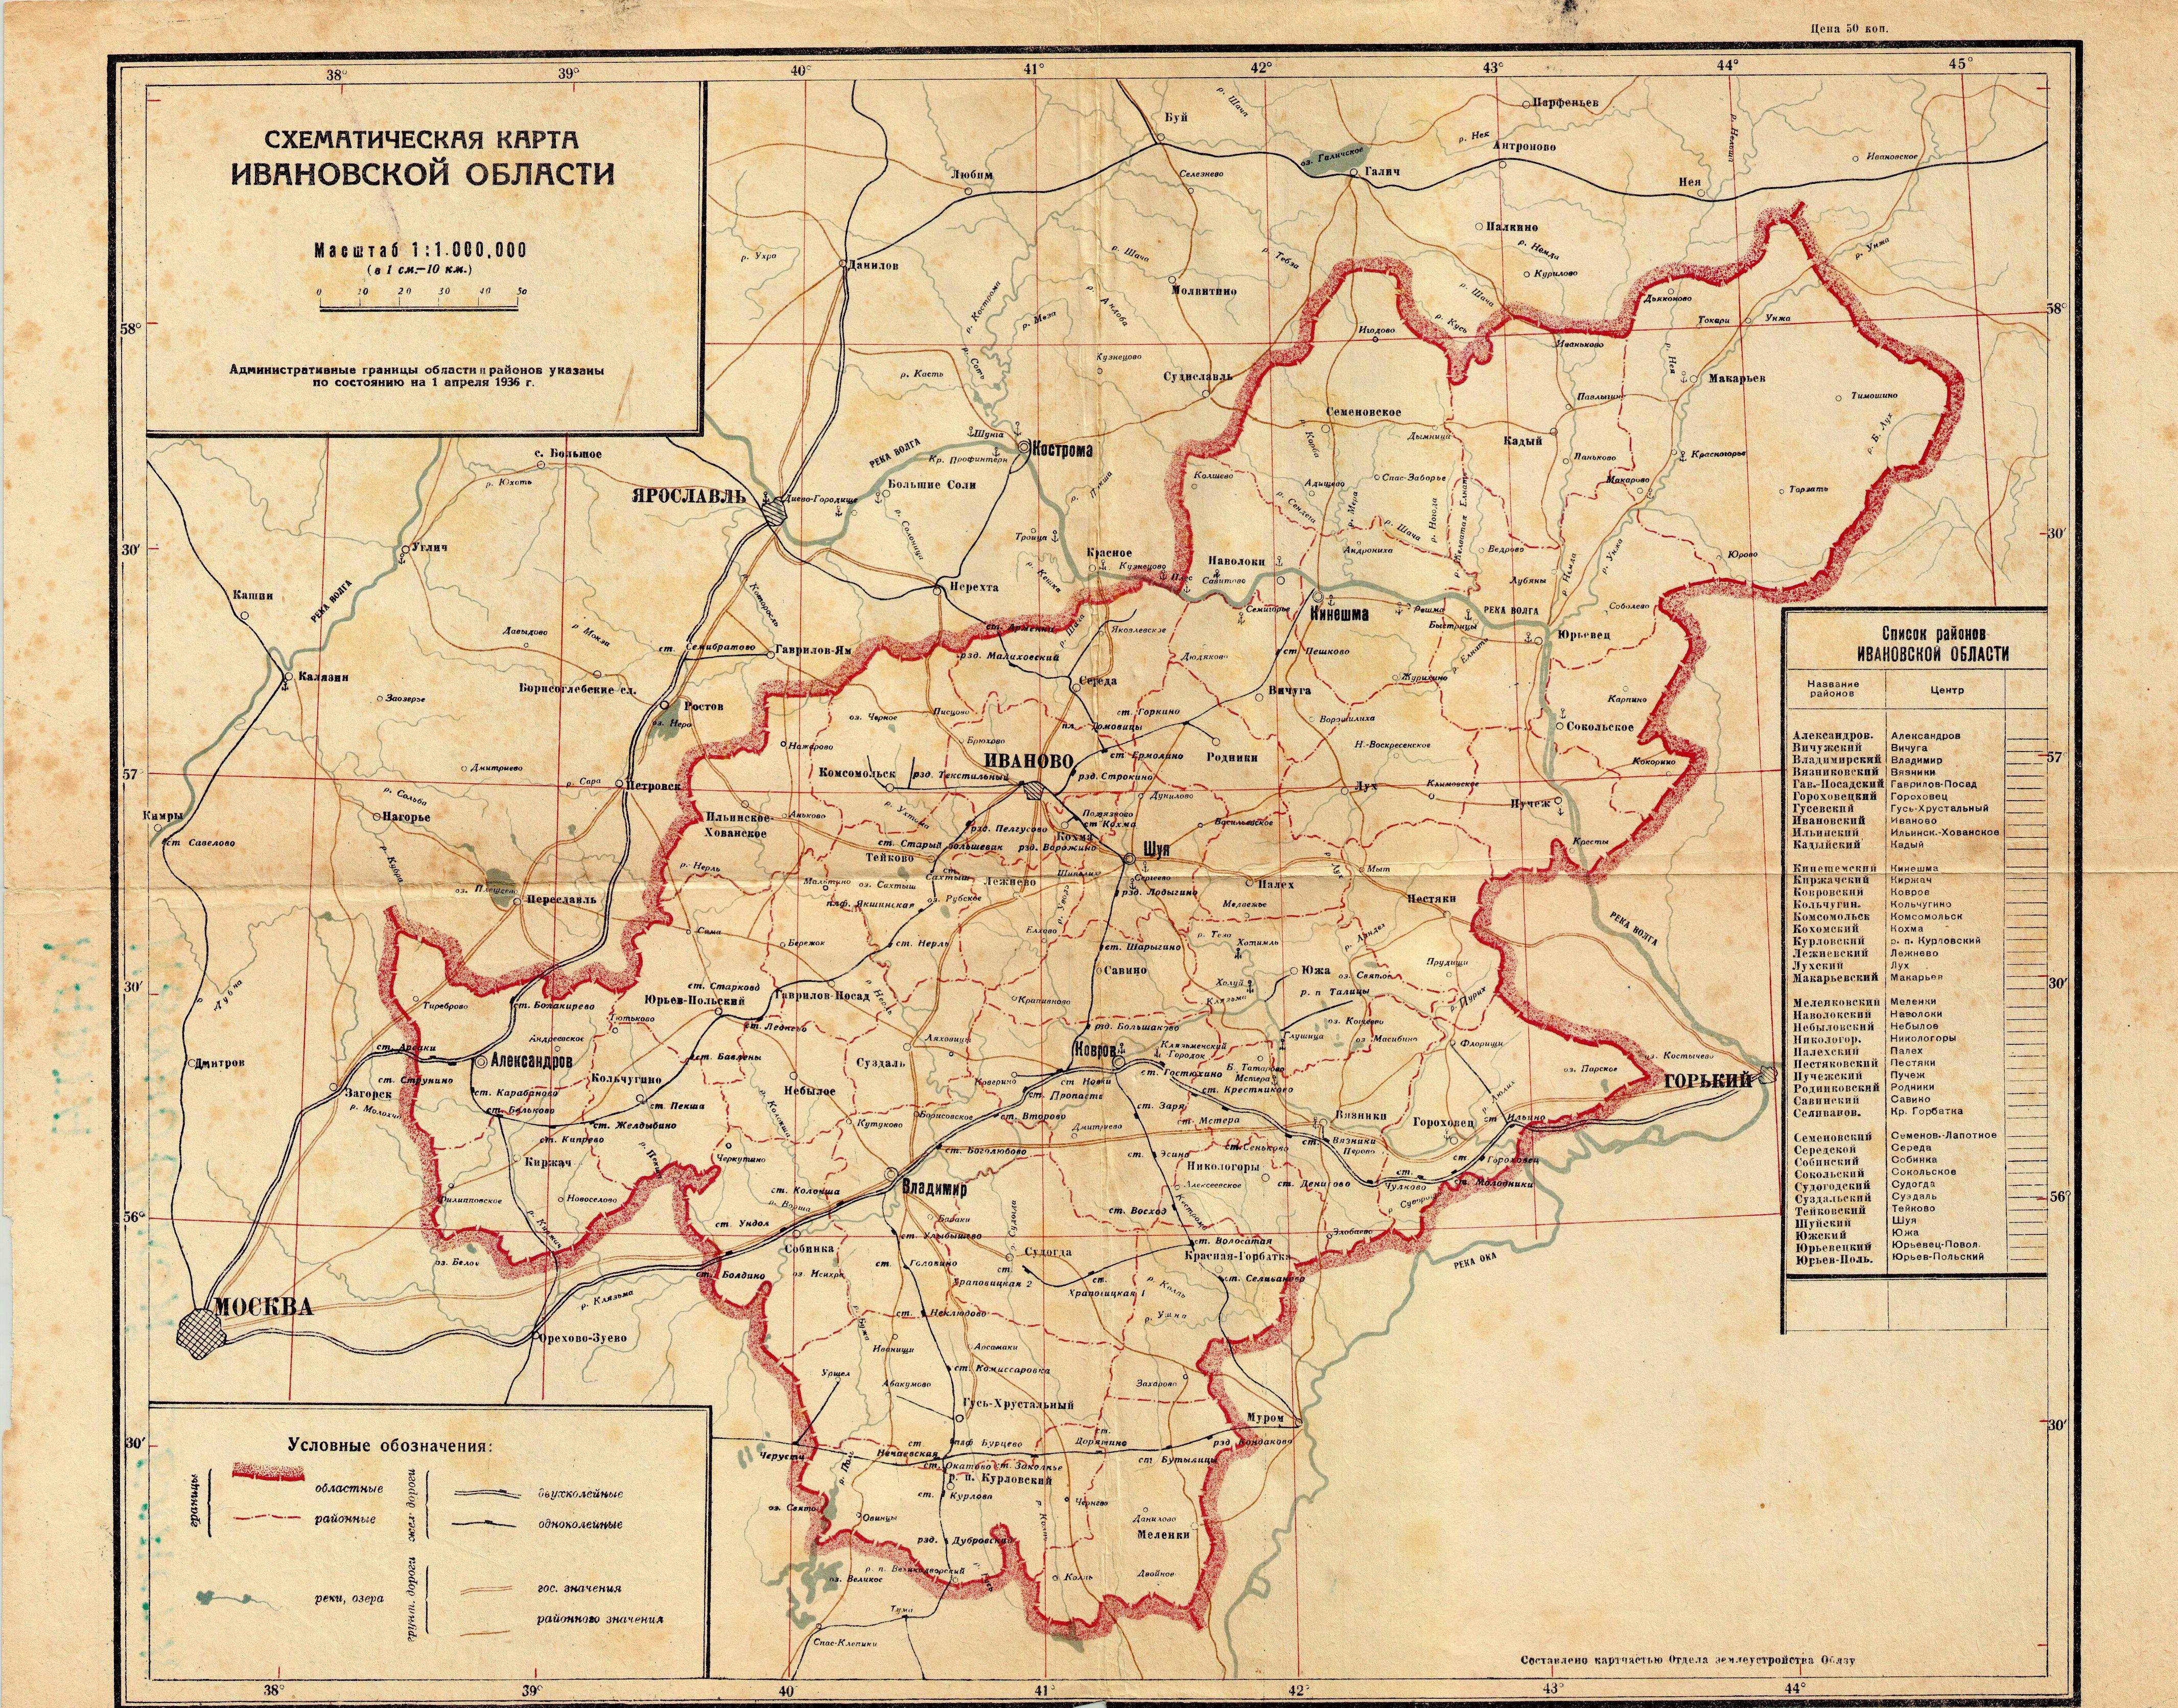 Карта Ивановской области 1936 года скачать: http://www.etomesto.ru/karta2463/